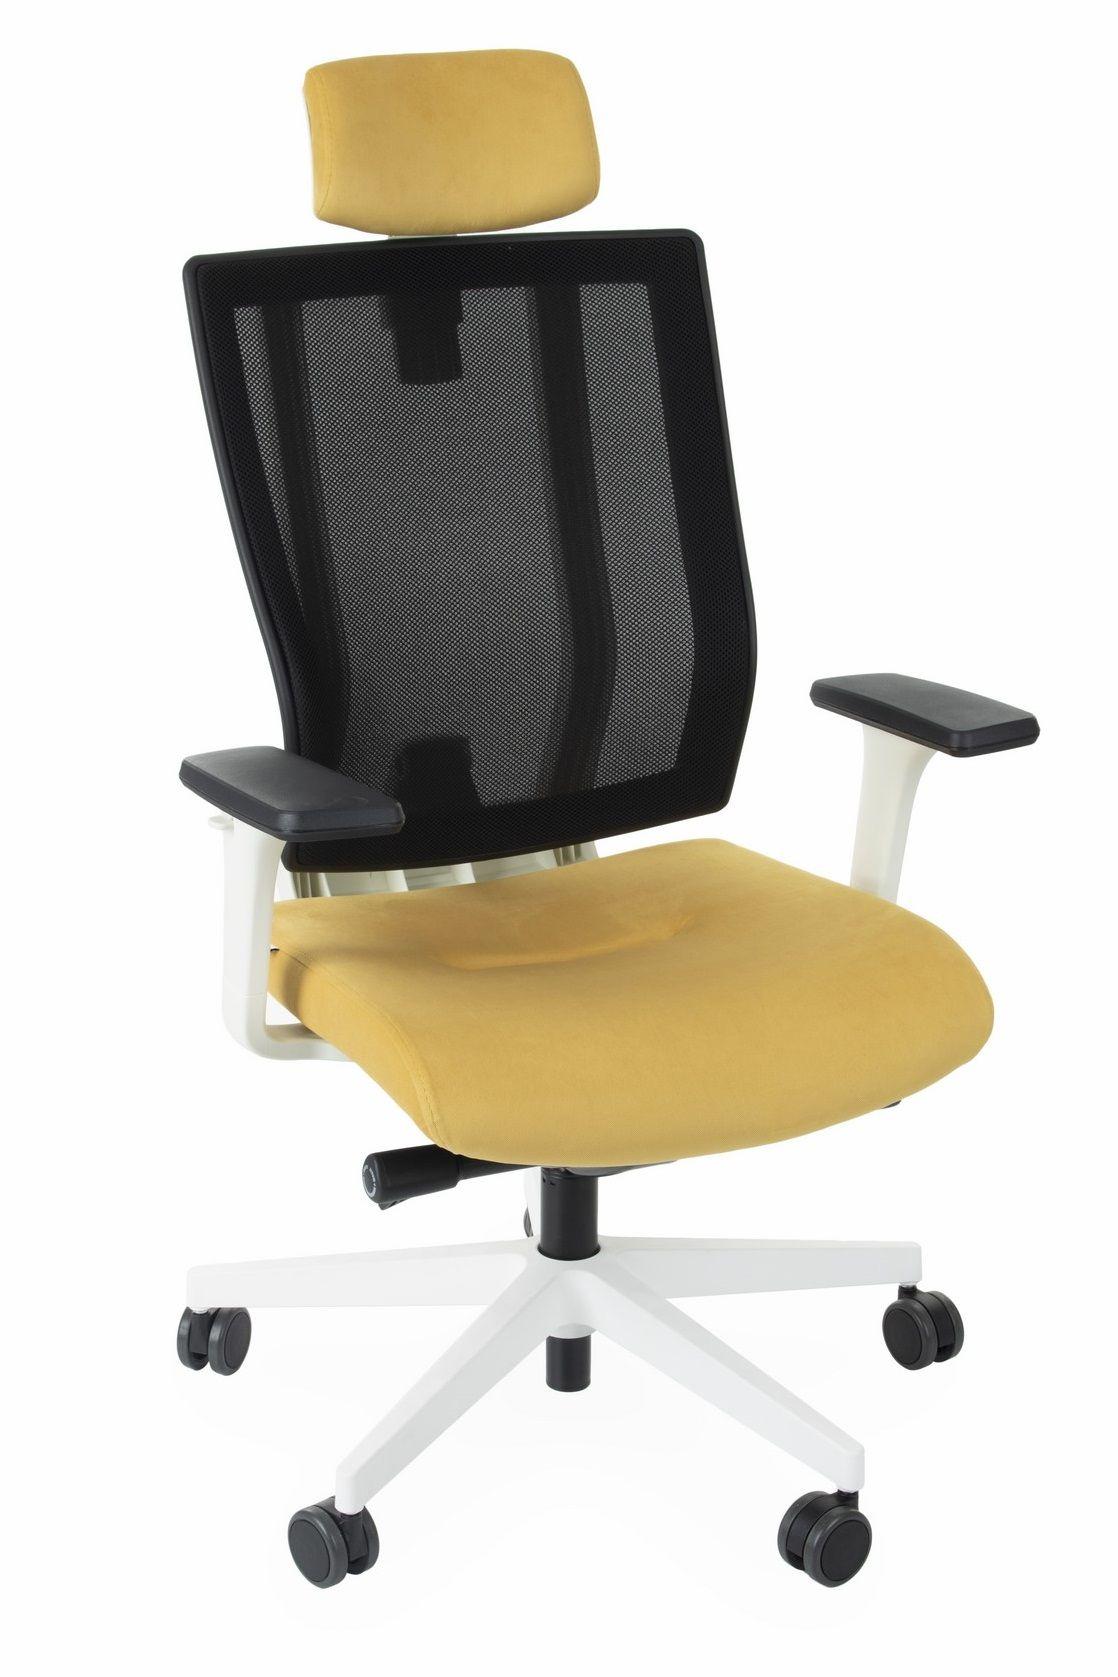 FOTEL DO BIURA, fotel obrotowy, fotele obrotowe, fotel biurowy, fotele biurowe, fotel gabinetowy, fotele gabinetowe, nowoczesne fotele, nowoczesny fotel, hit sezony, dobre okazje, fotel Głogów, fotel obrotowy tapicerowany, fotel tapicerowany